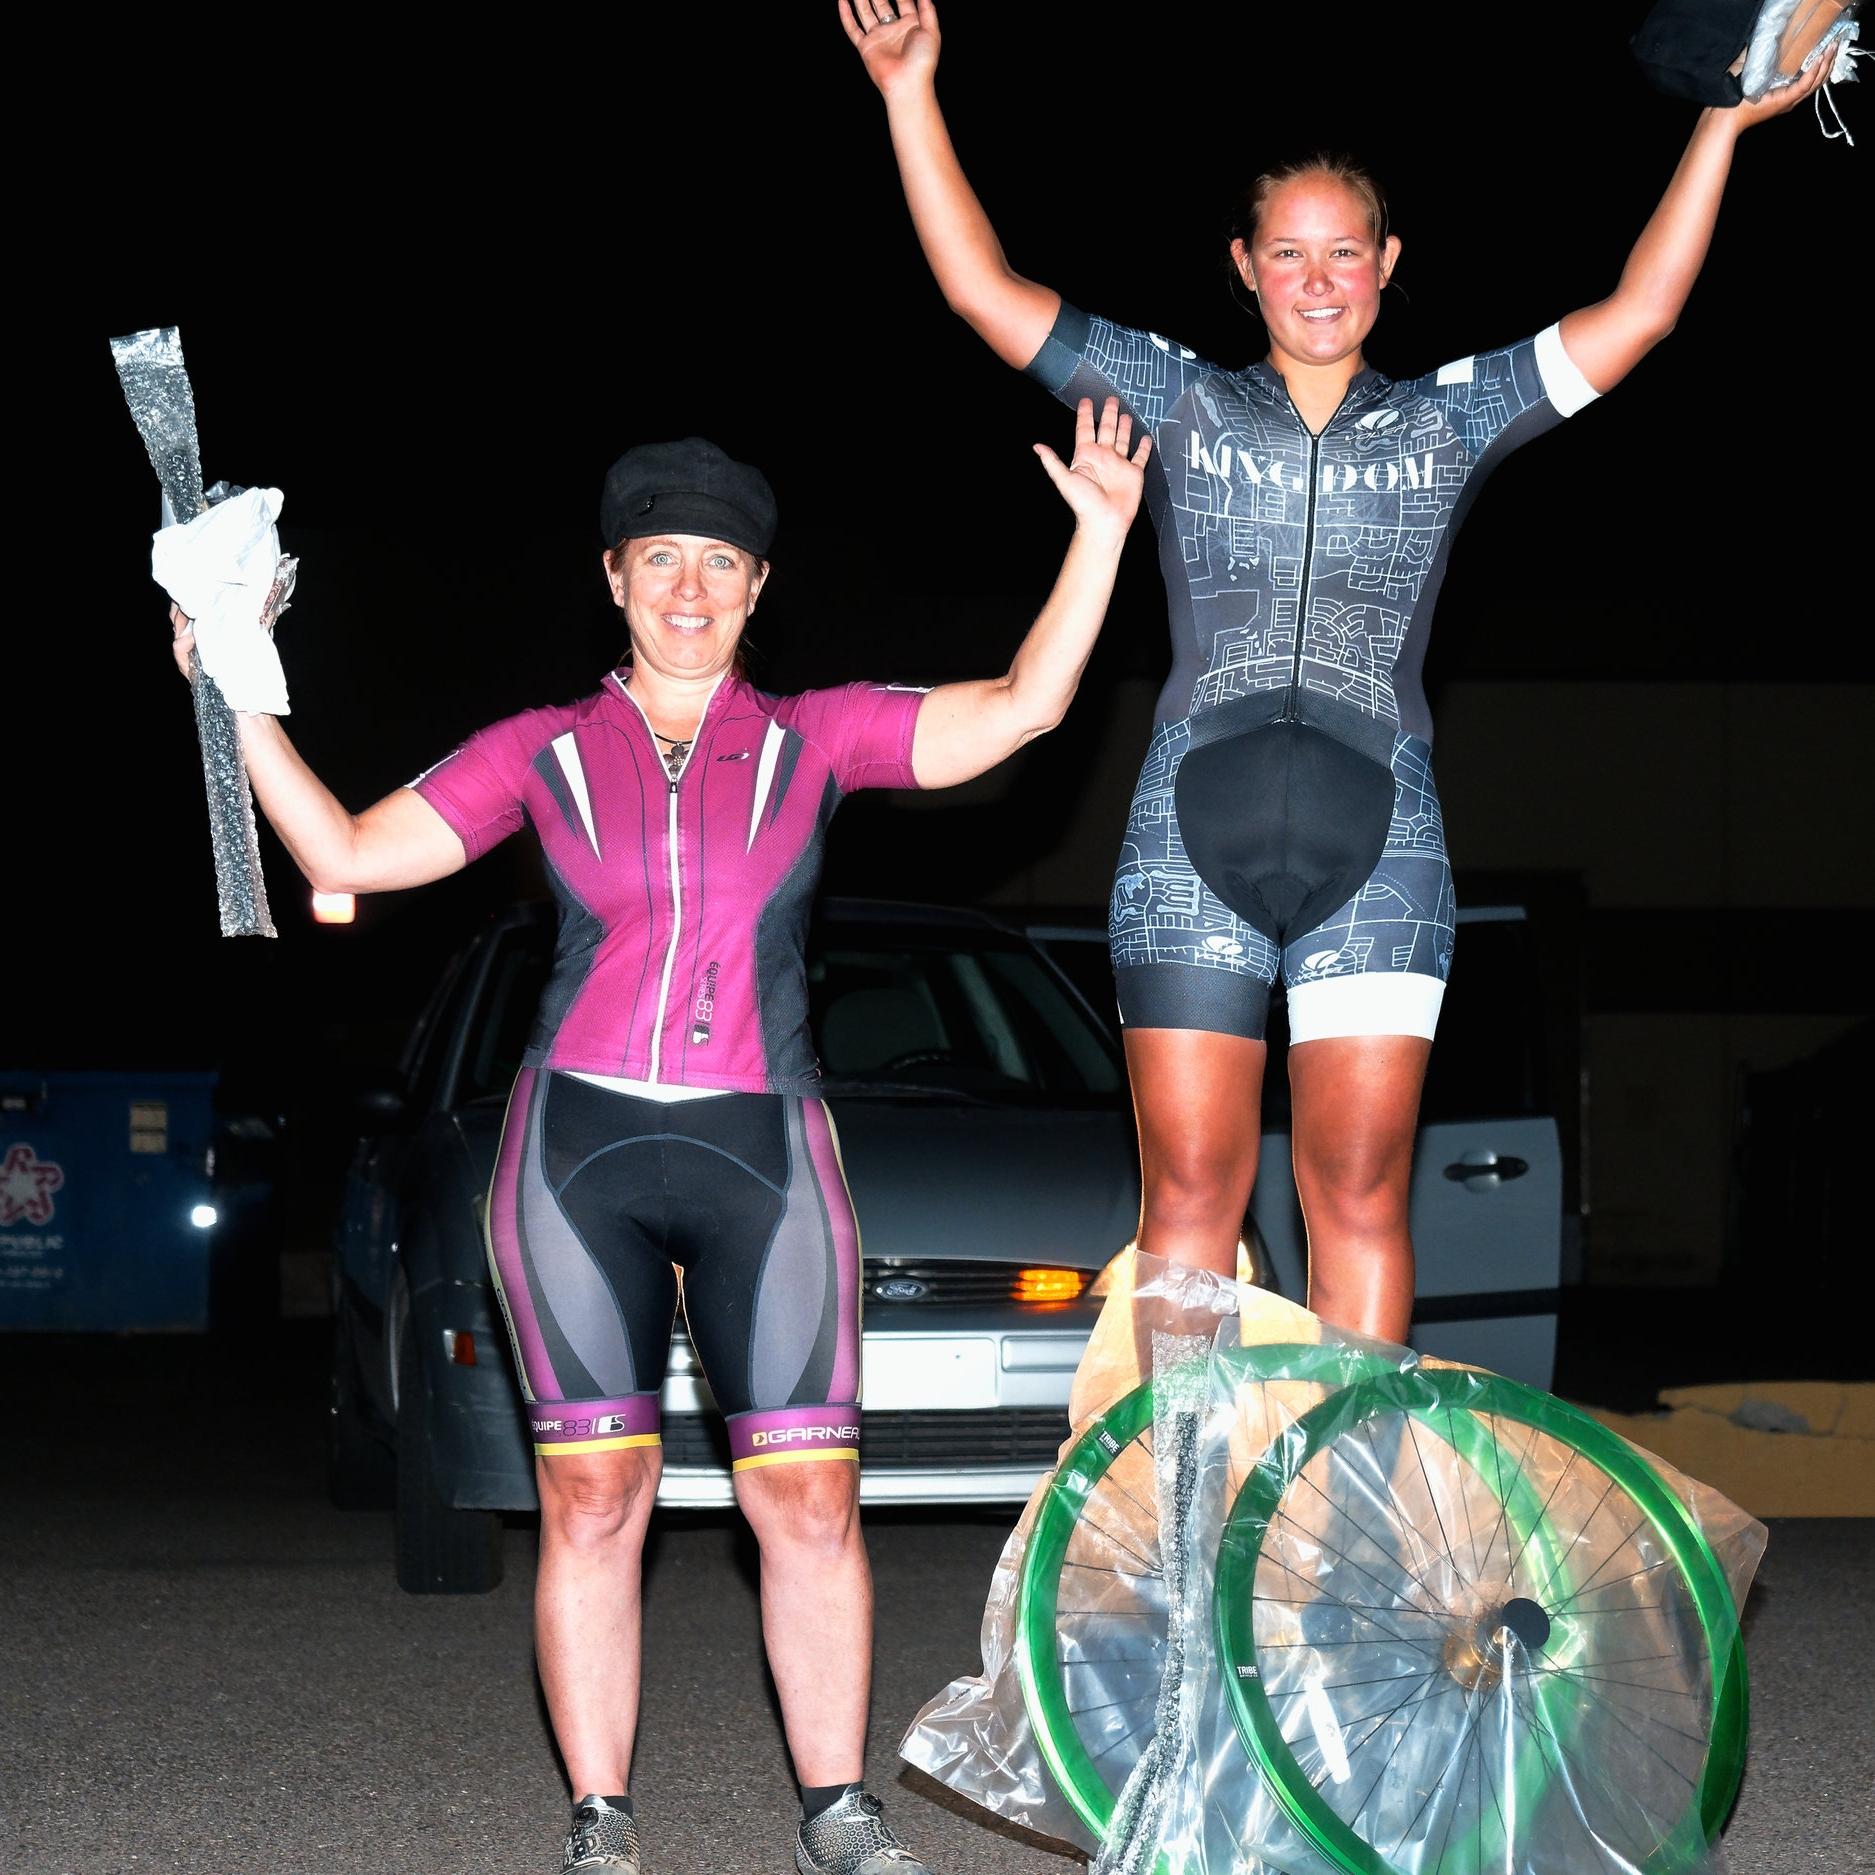 Women's race - 1st place.